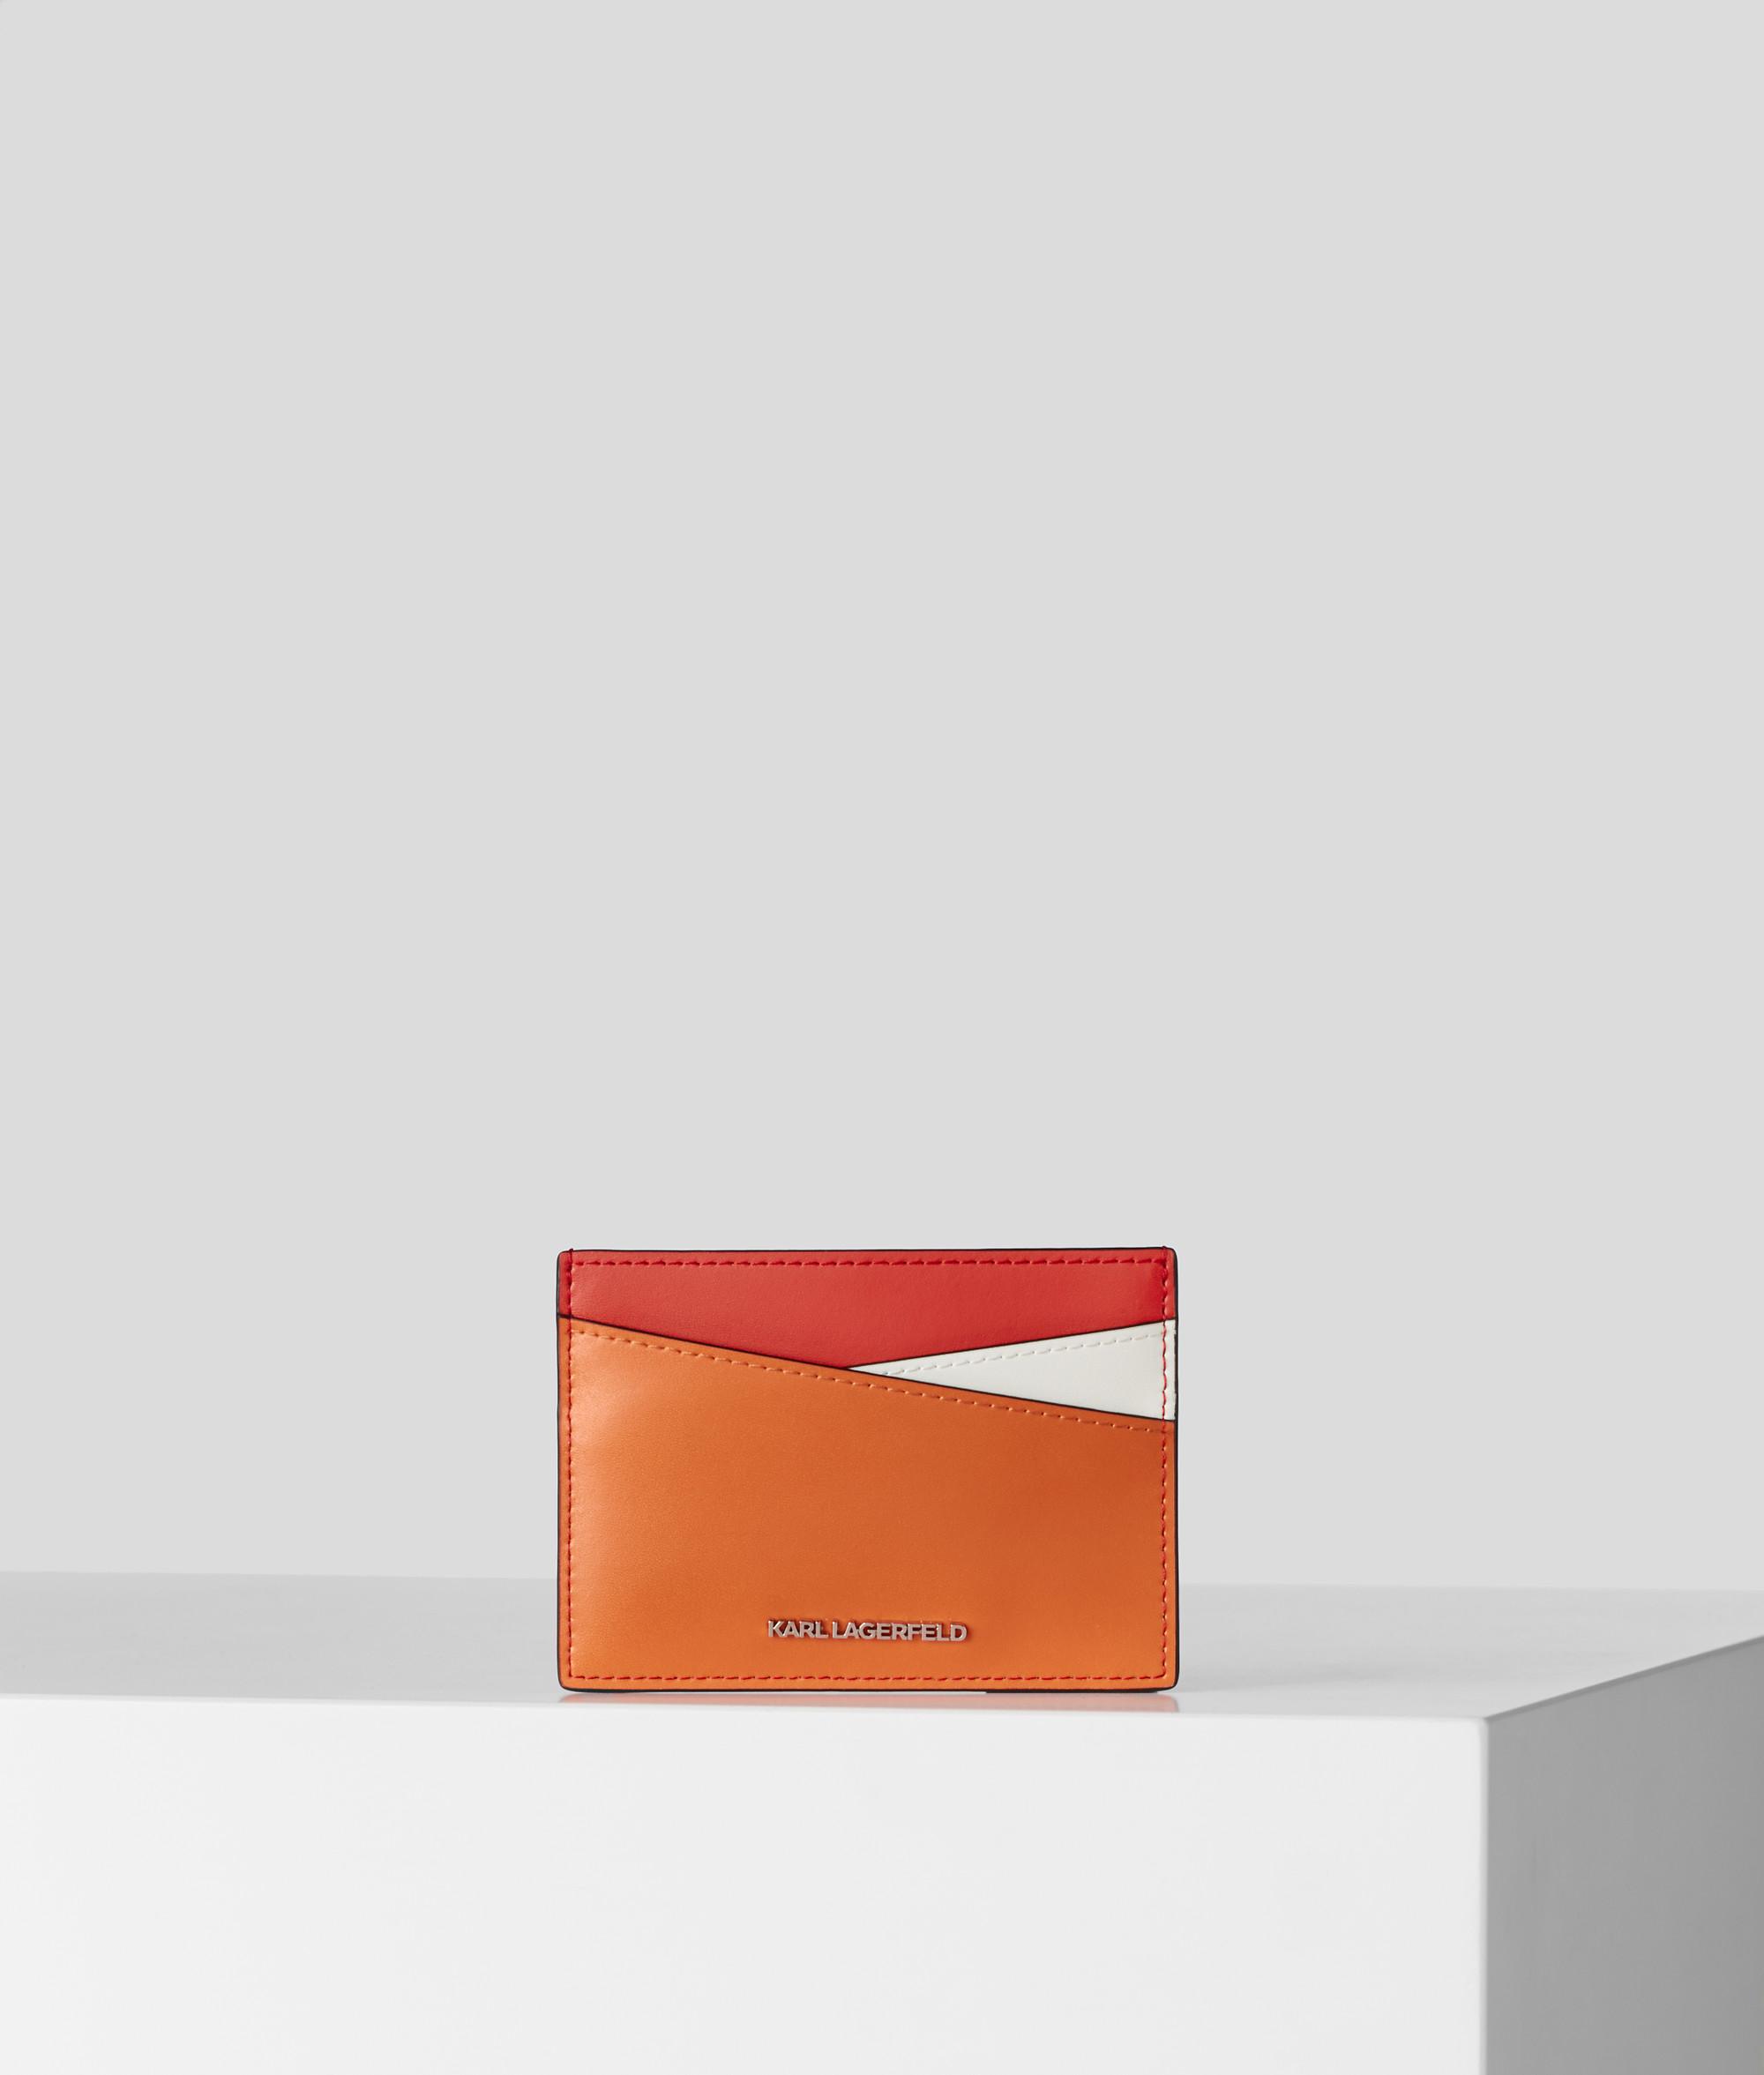 Karl Lagerfeld Seven Colour-Block kortholder